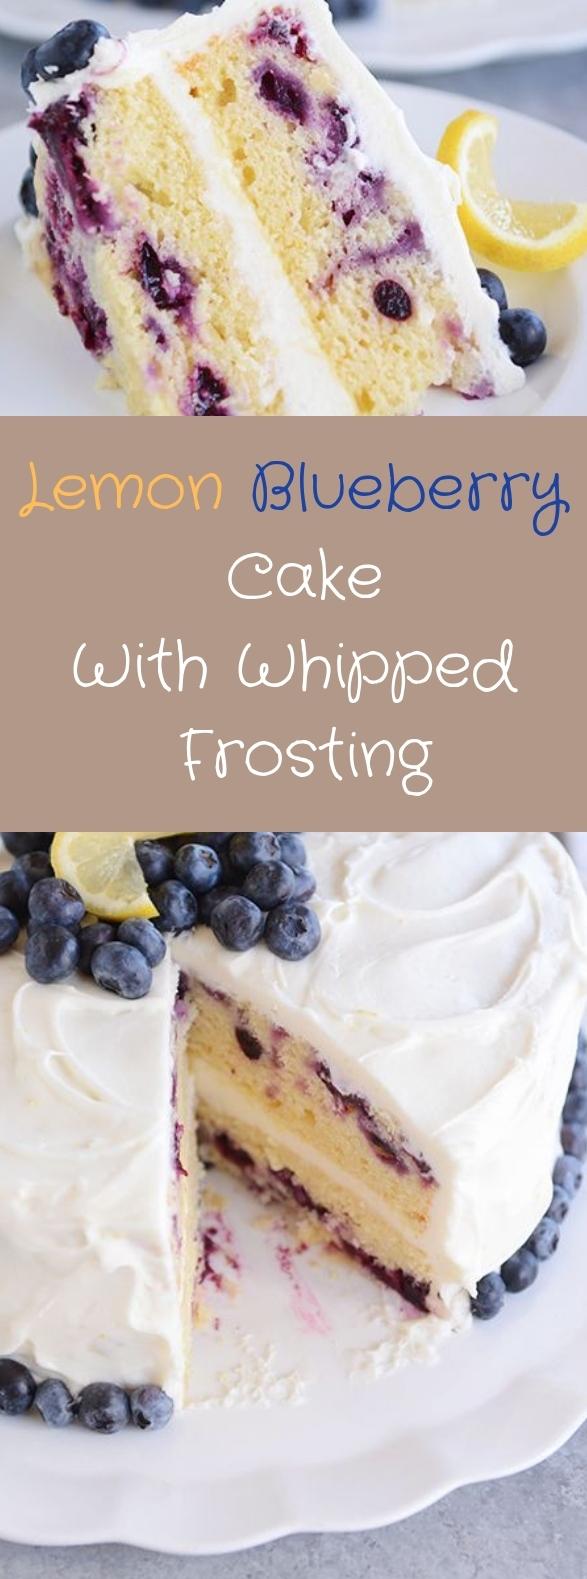 LEMON BLUEBERRY CAKE WITH WHIPPED LEMON CREAM FROSTING #lemon #cake